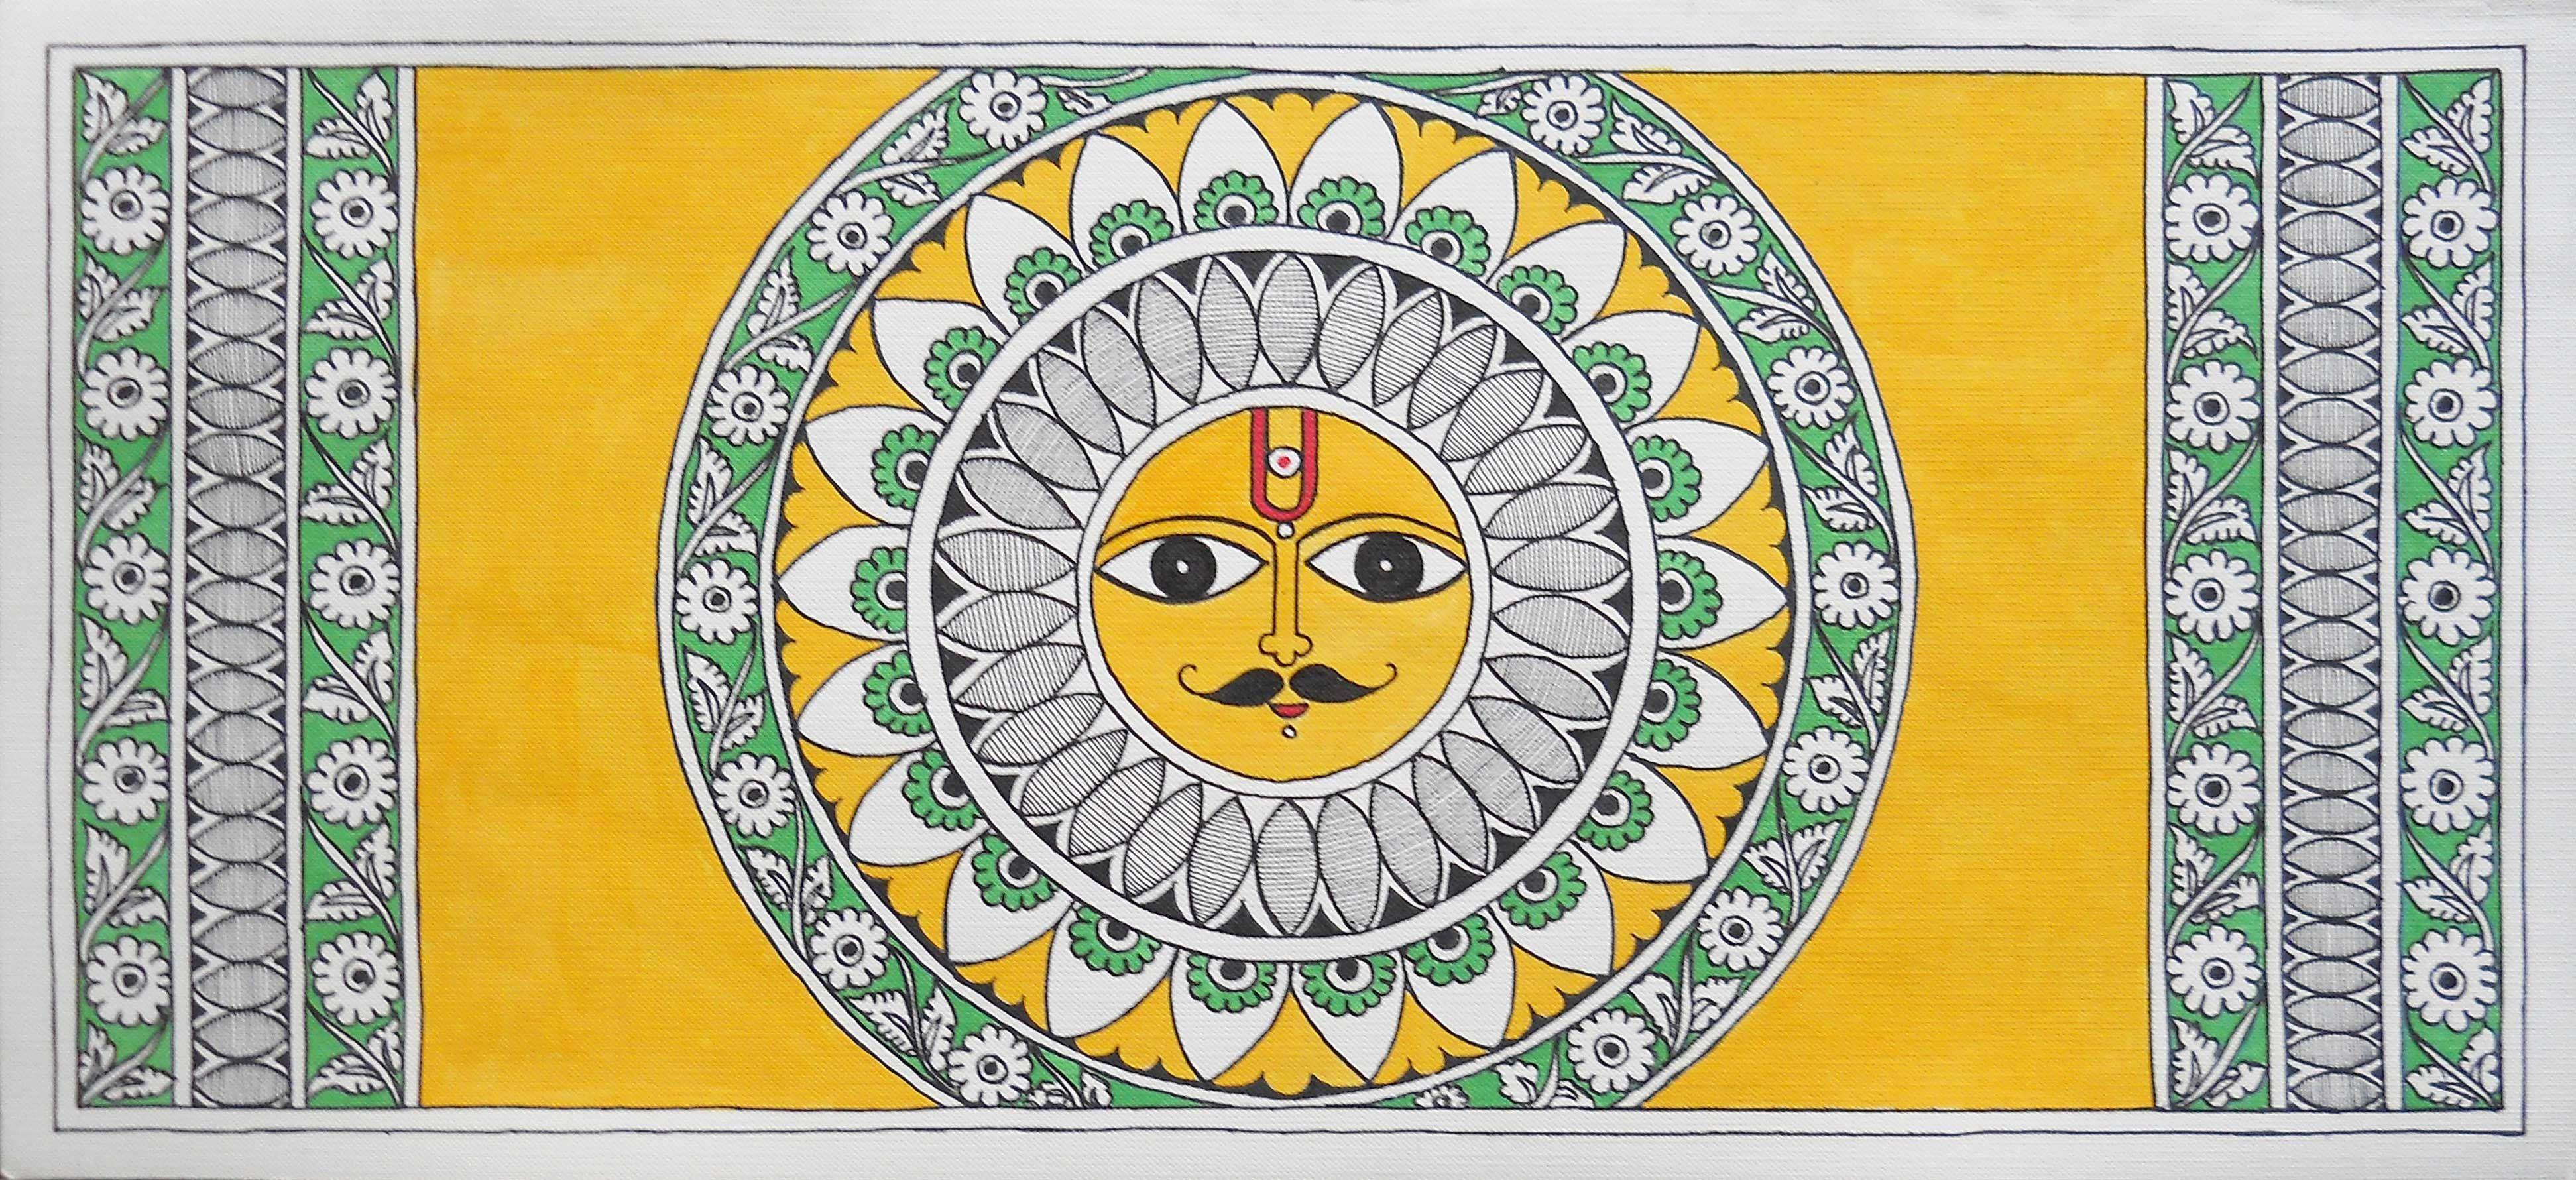 Shop Madhubani Painting Sungod With Kalamkari Details By